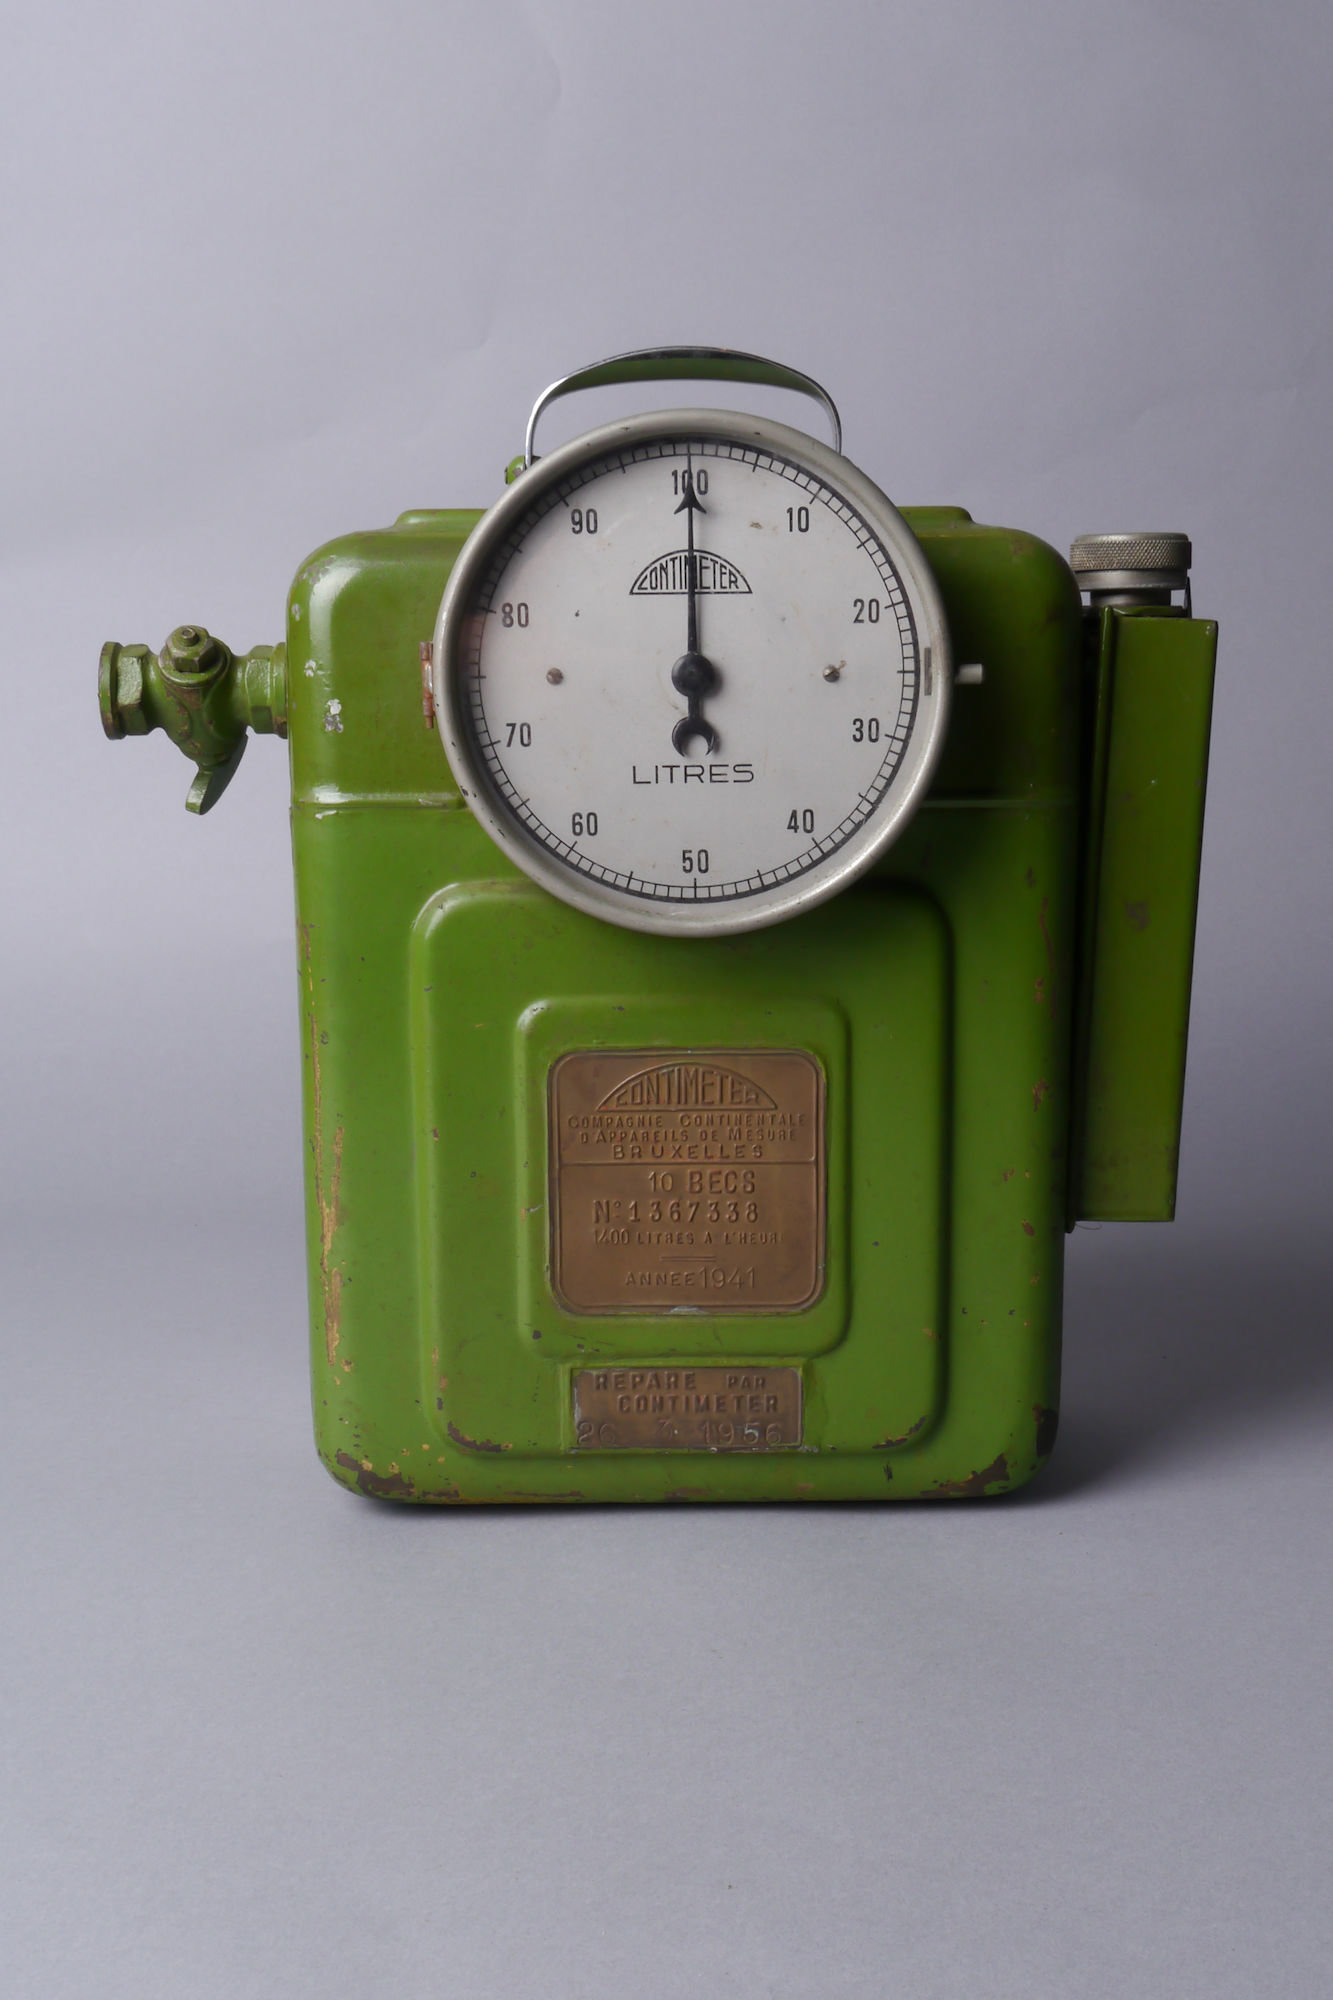 Draagbare ijkmeter voor gas van het merk Contimeter